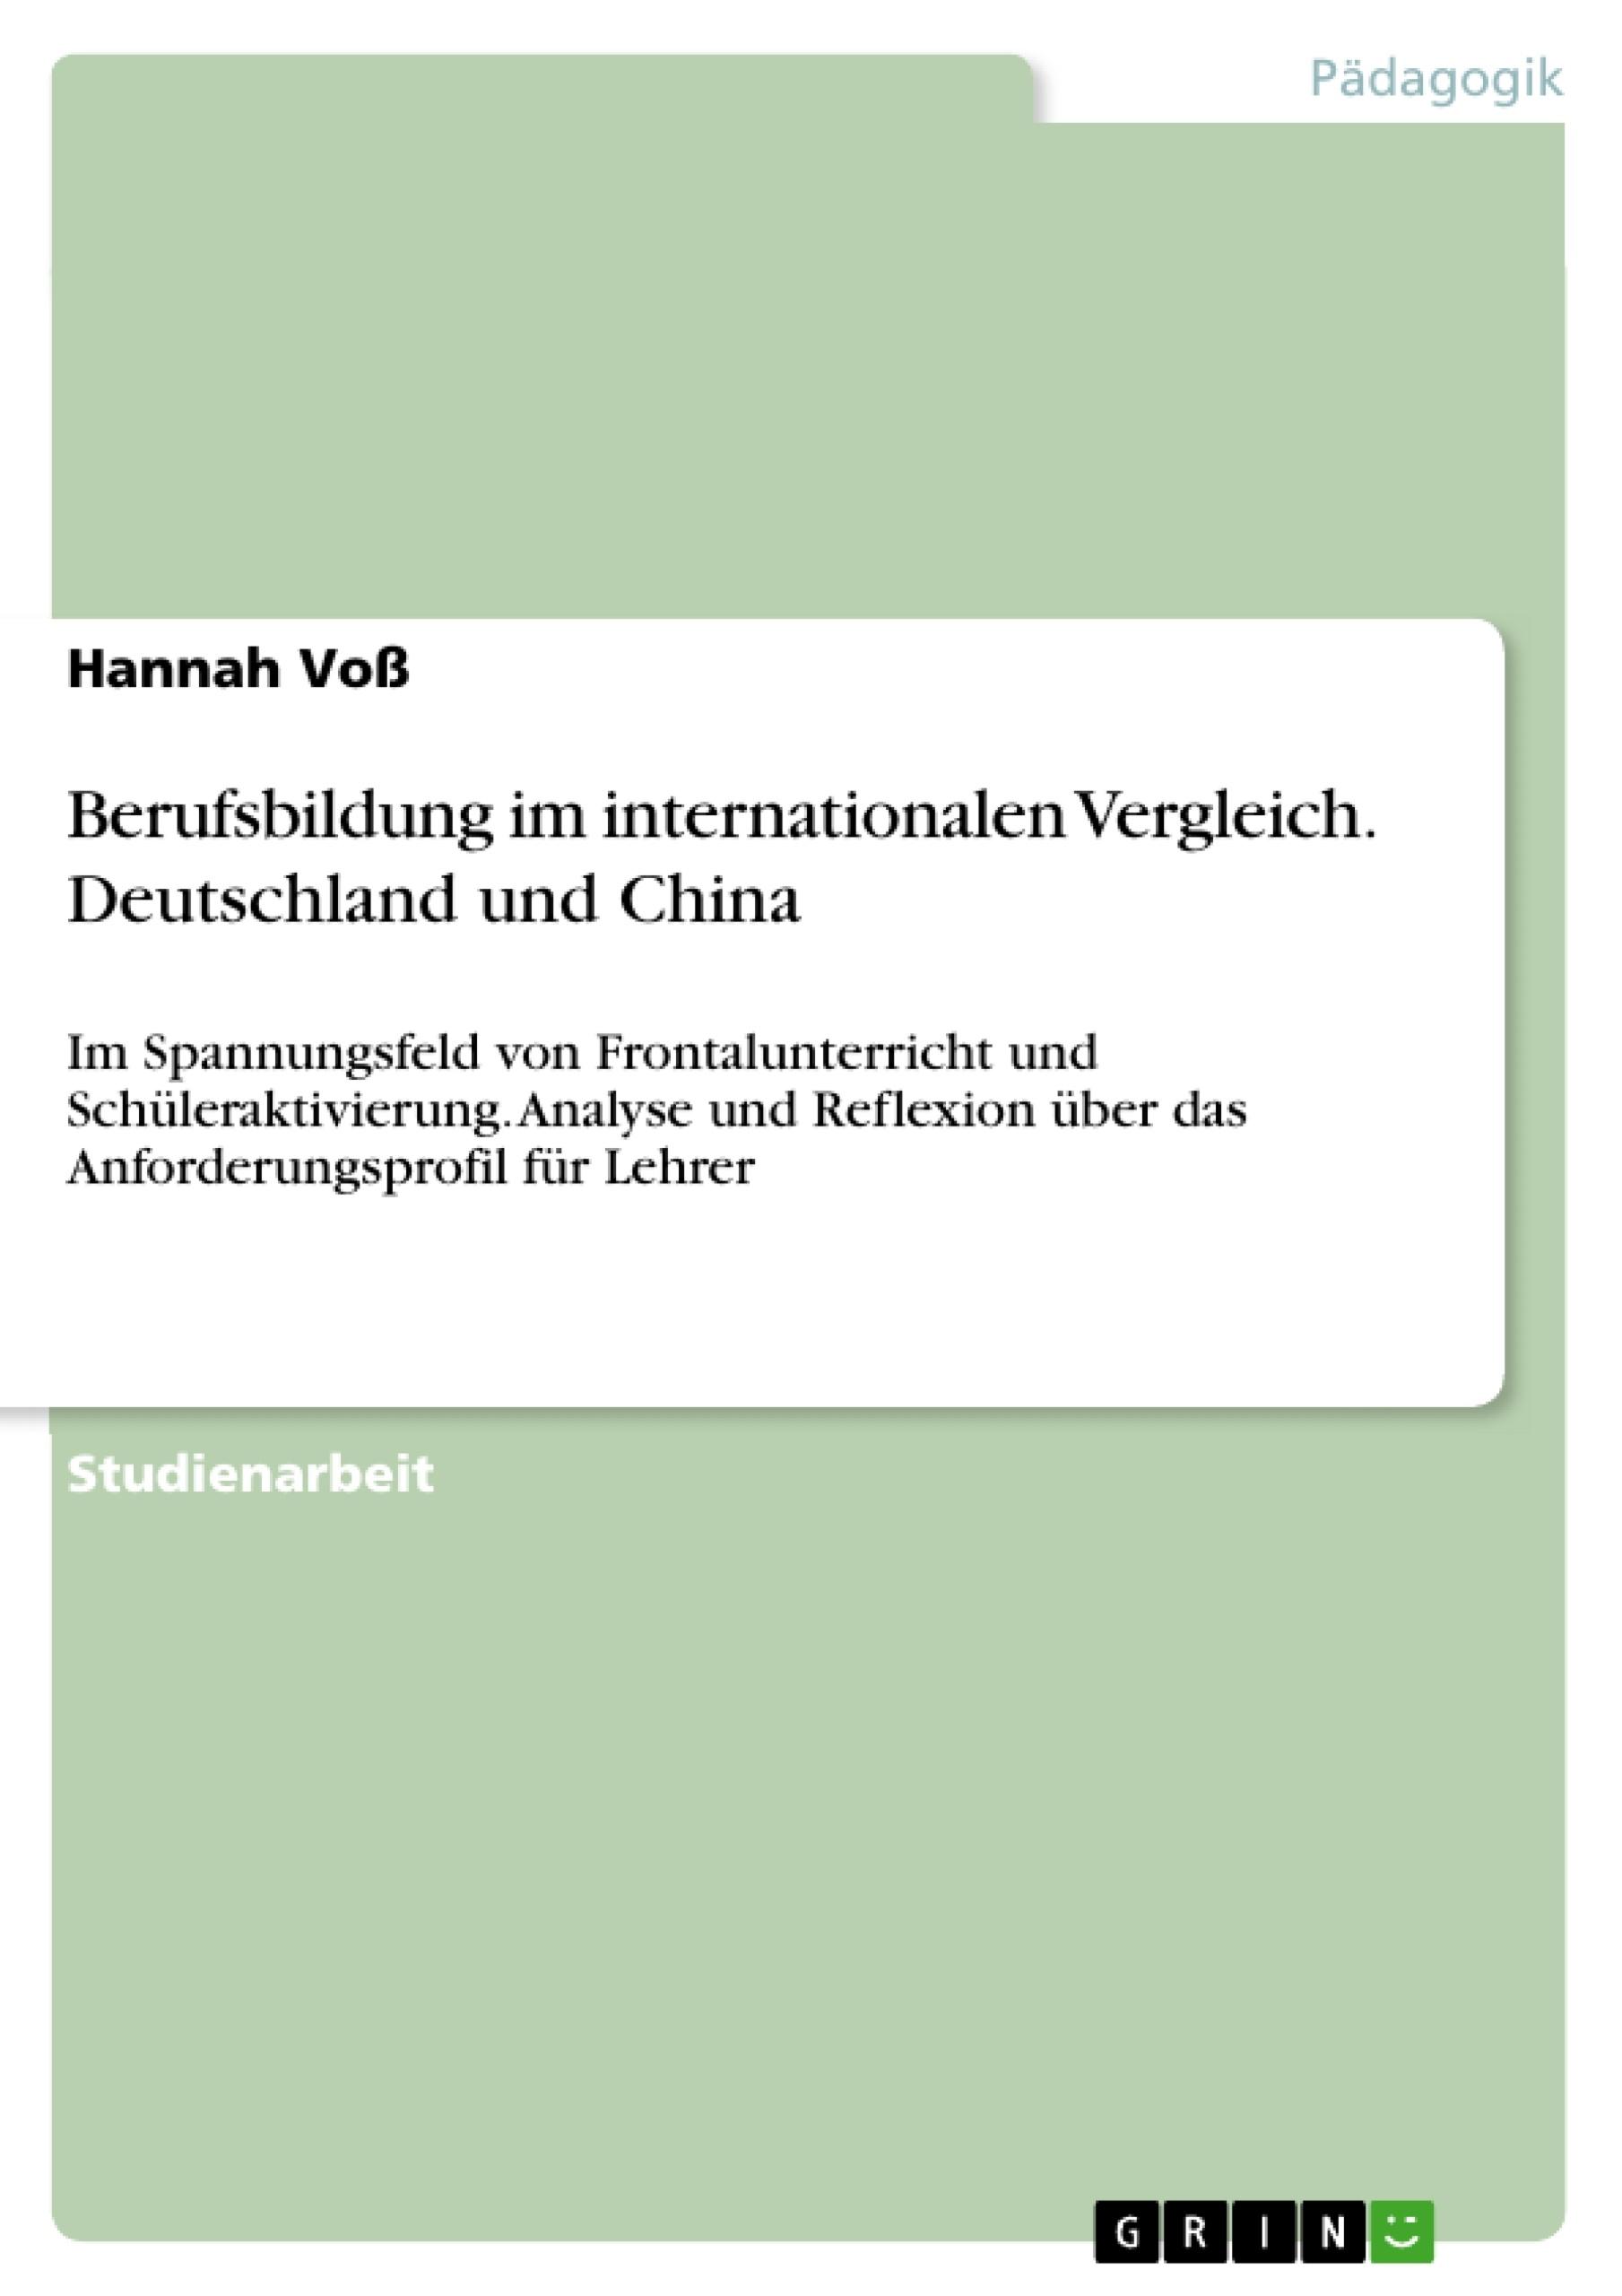 Titel: Berufsbildung im internationalen Vergleich. Deutschland und China